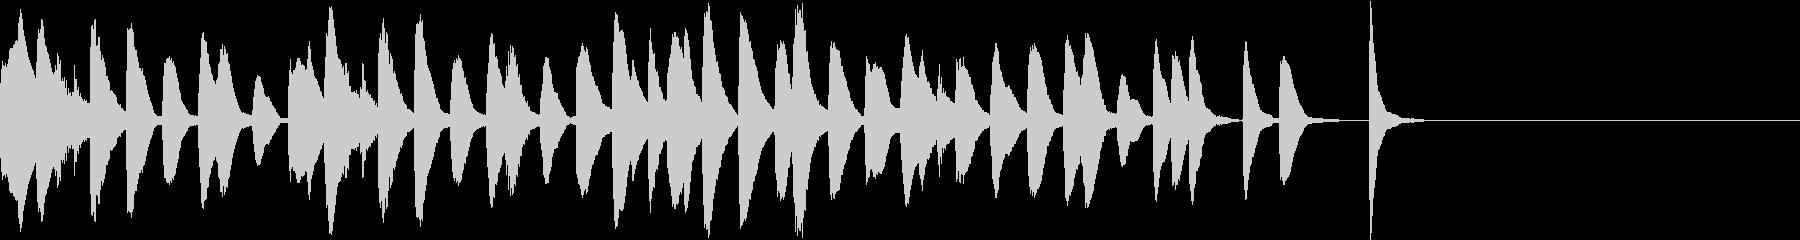 マリンバのコミカルでかわいいジングル2の未再生の波形